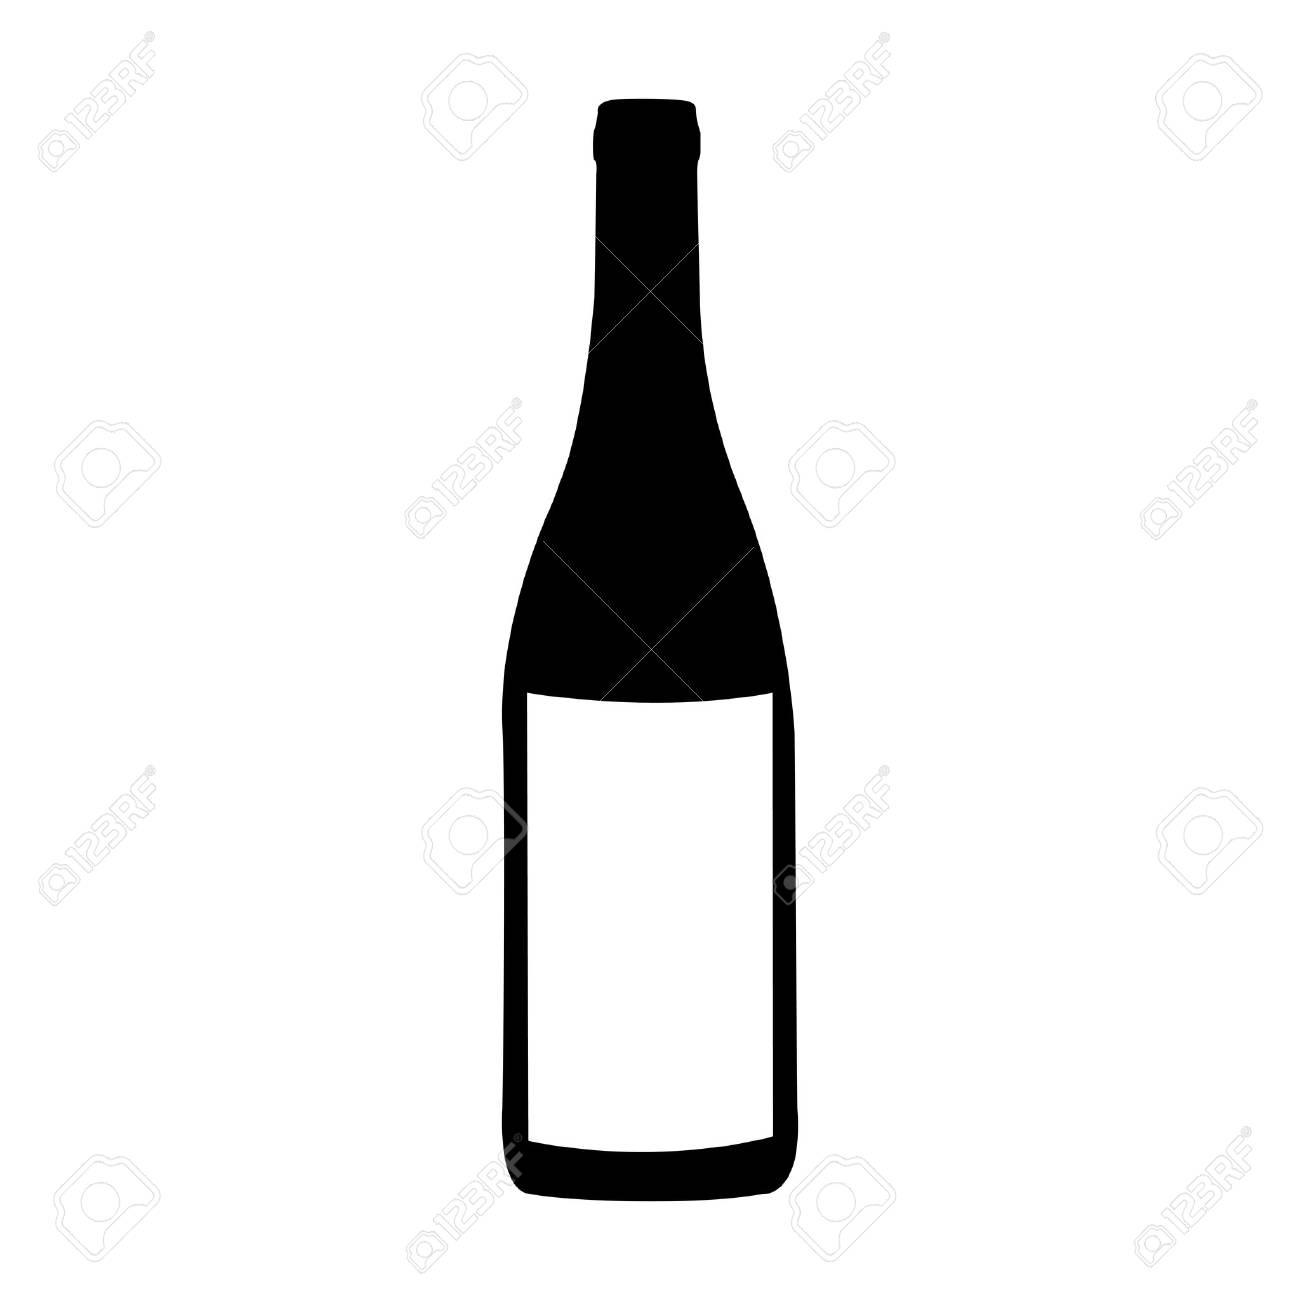 Bouteille de vin icône image illustration vectorielle